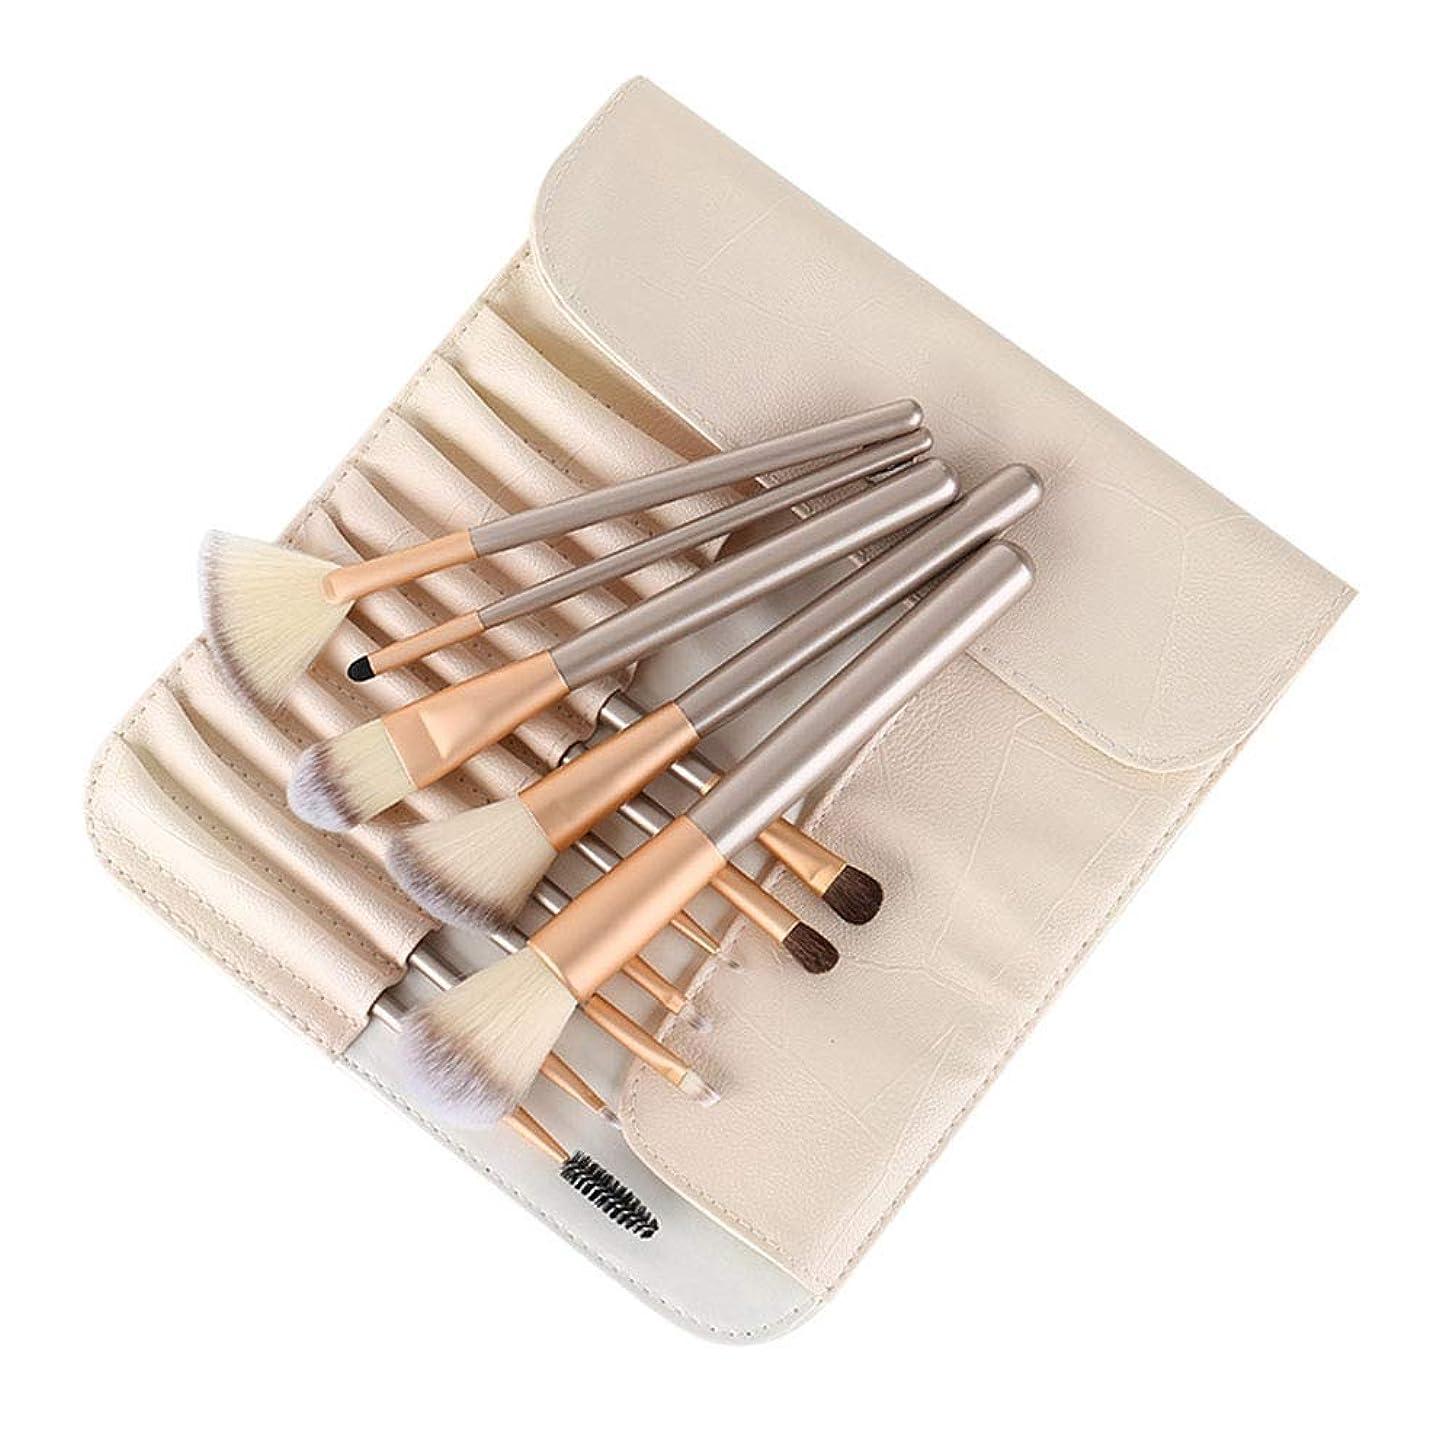 奇妙な食堂翻訳するLe vent メイクブラシ 12本セット 化粧筆 フェイスブラシ 専用ポーチ付き 純潔の白 シルバー柄 固いケース